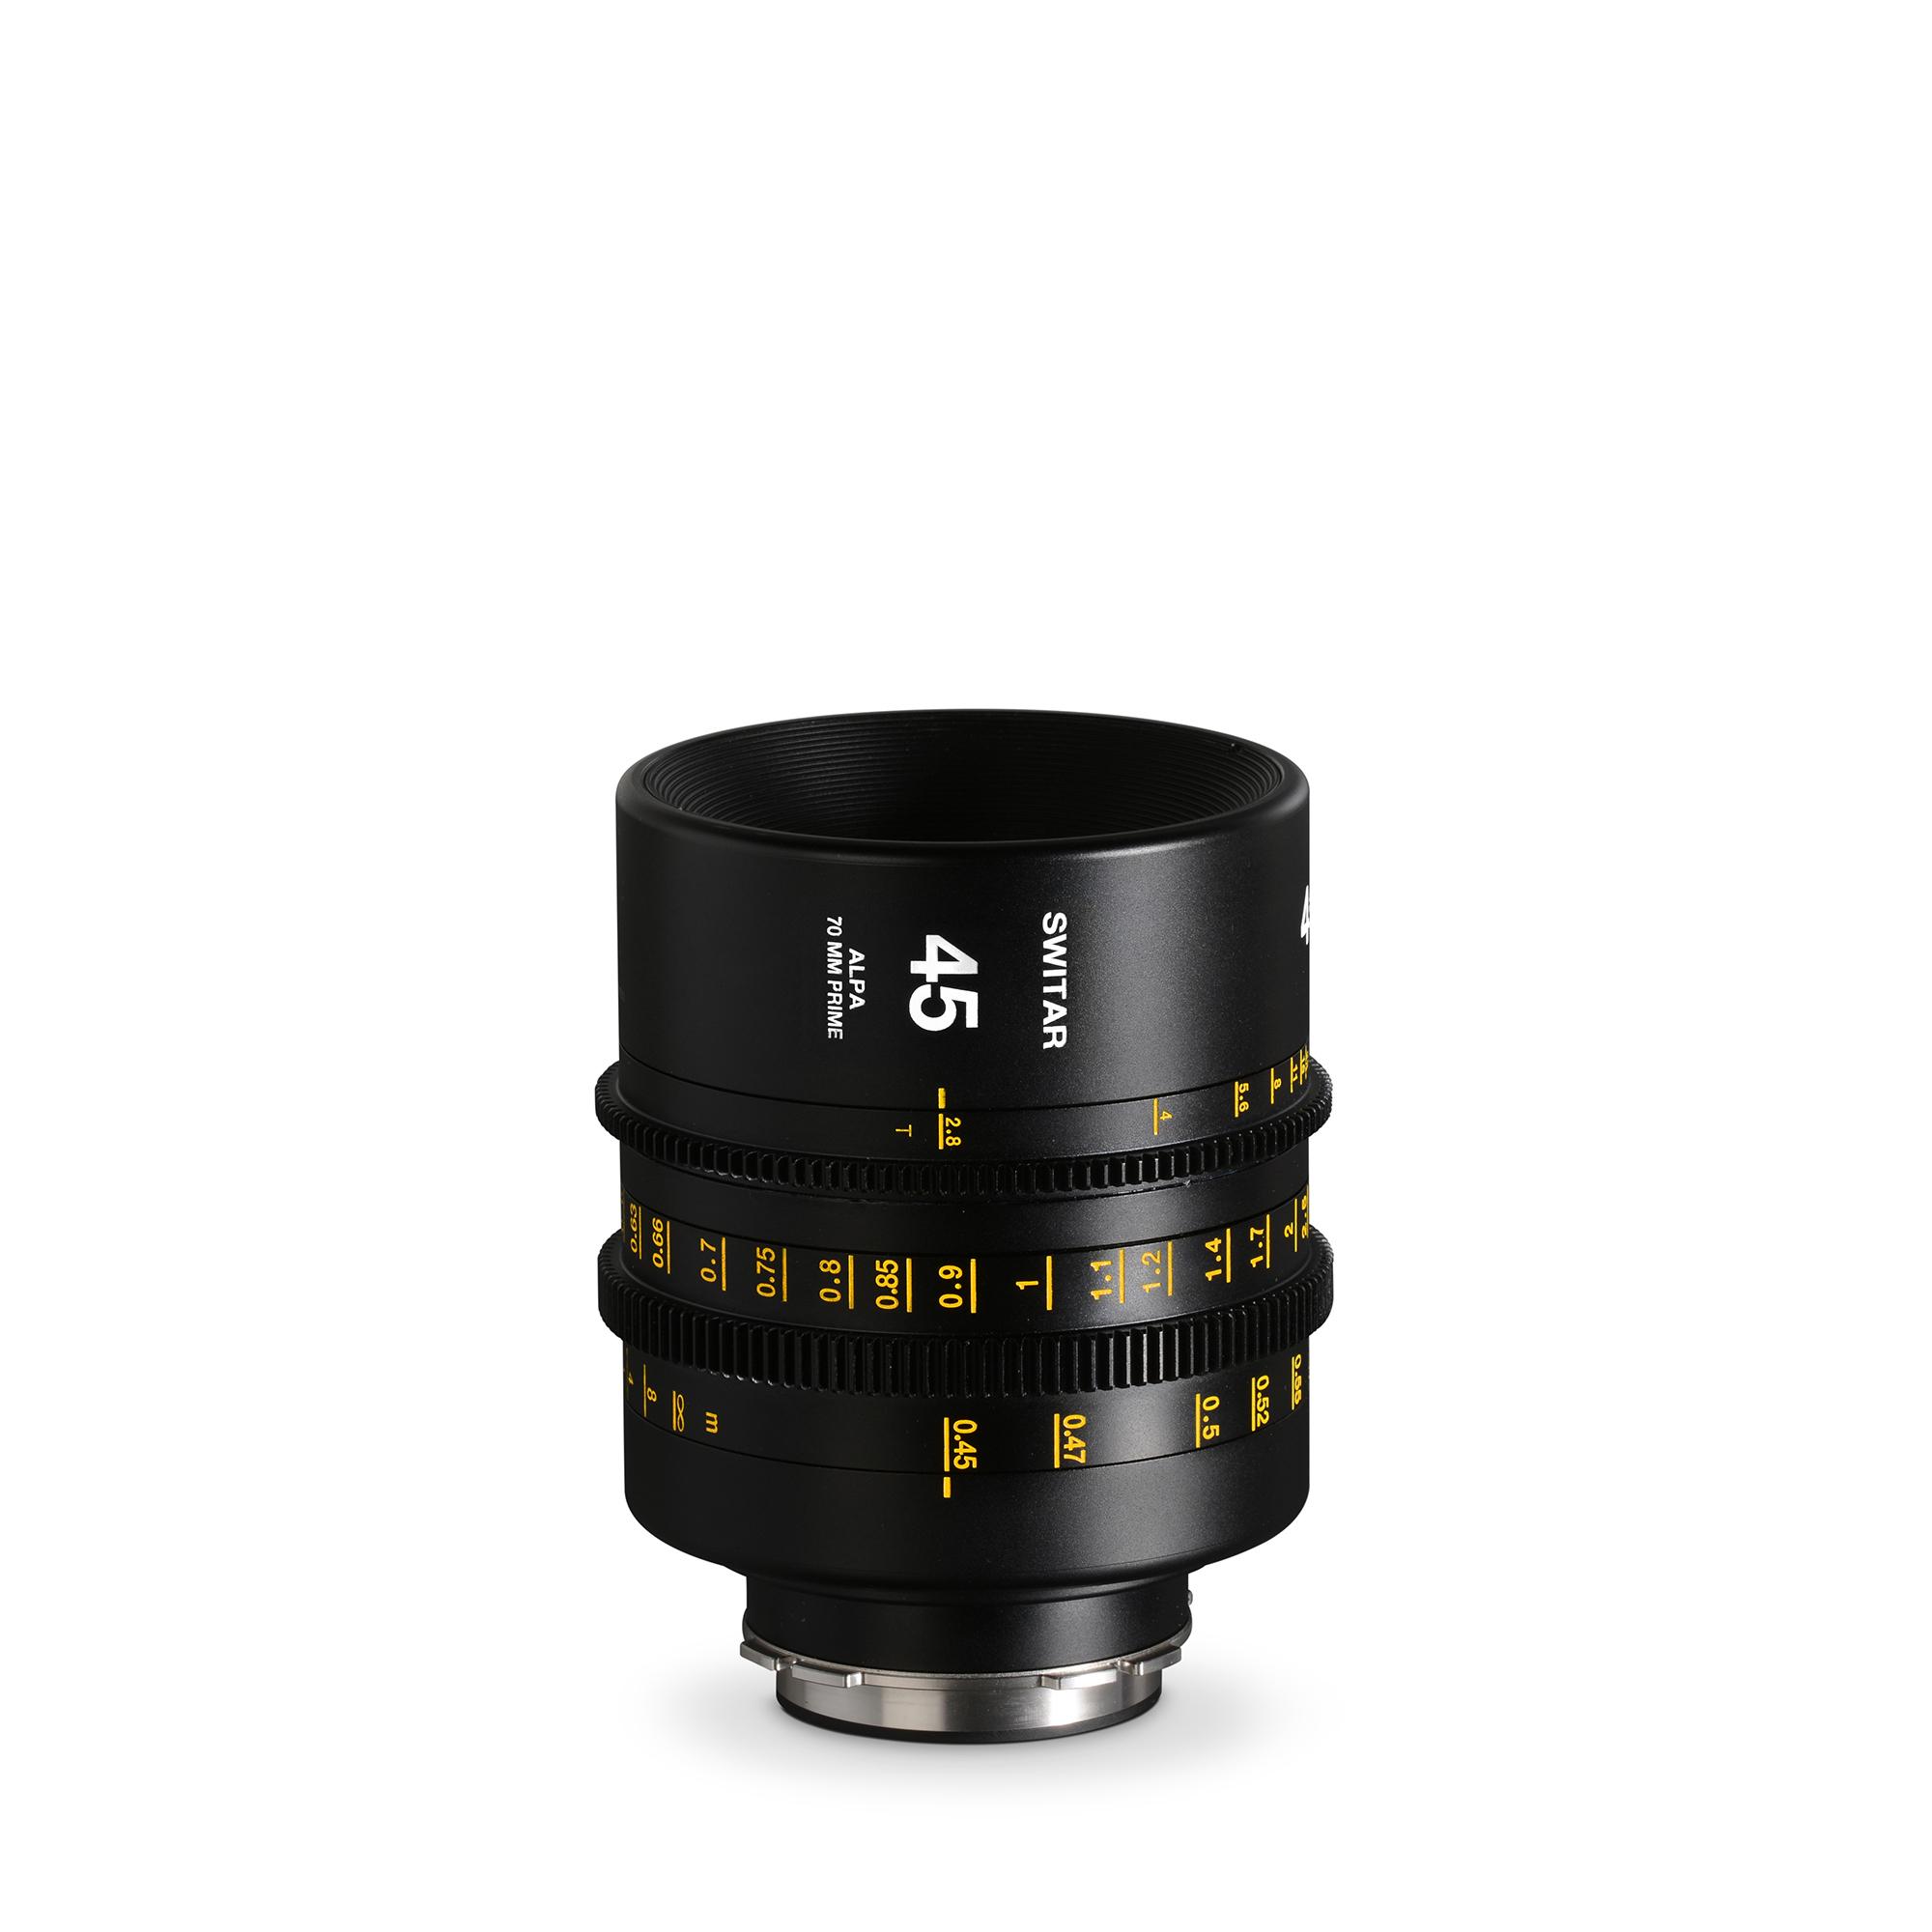 ALPA Switar 2.8/45 mm Cine Prime IC 70 mm - meters